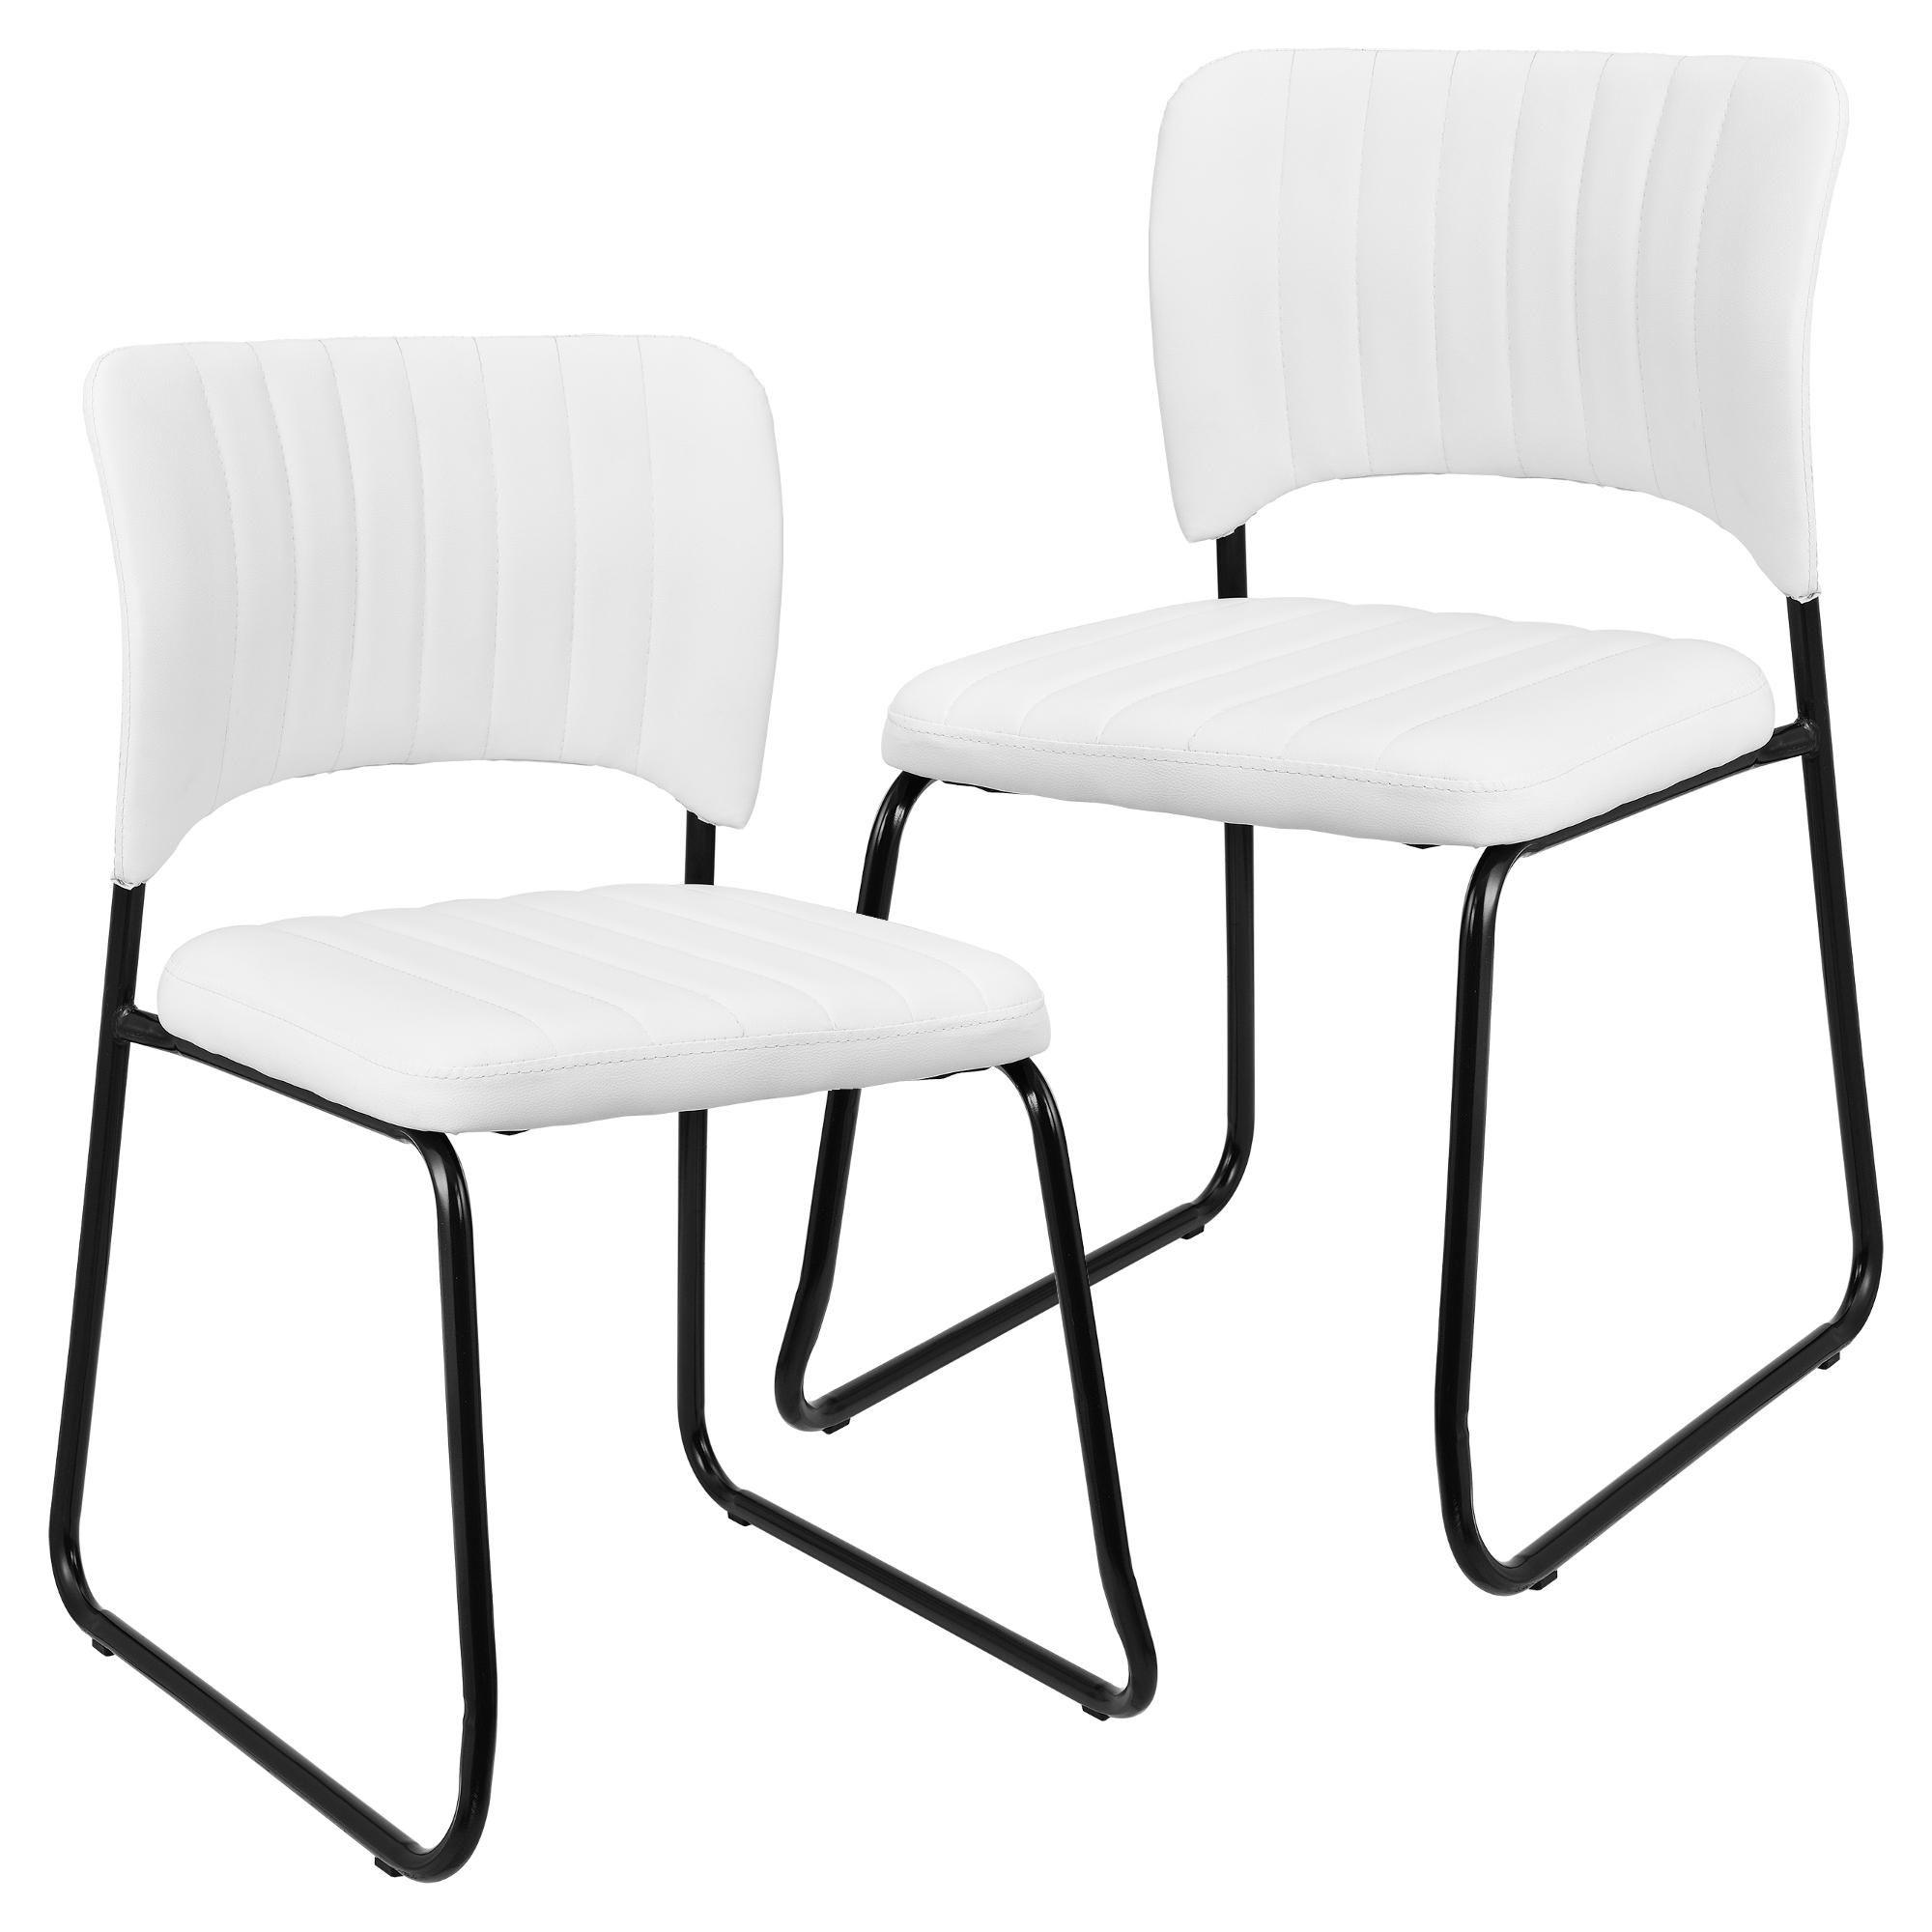 2x design st hle kunstleder wei stuhl lehnstuhl esszimmerstuhl ebay. Black Bedroom Furniture Sets. Home Design Ideas